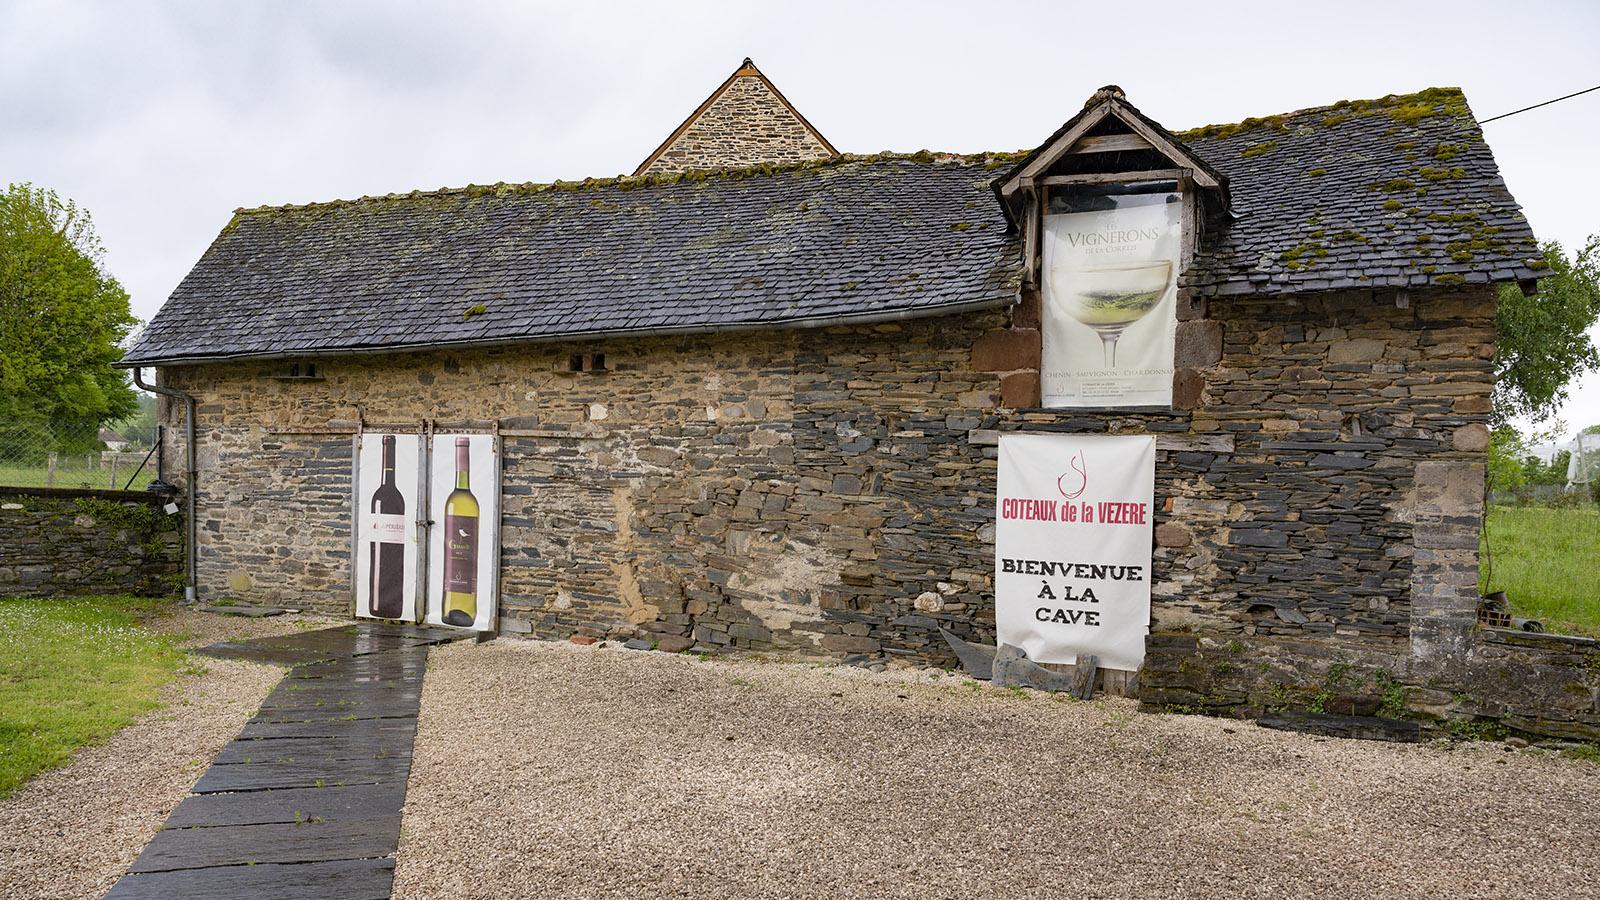 Die Kellerei Coteaux de la Vézère. Foto: Hilke Maunder